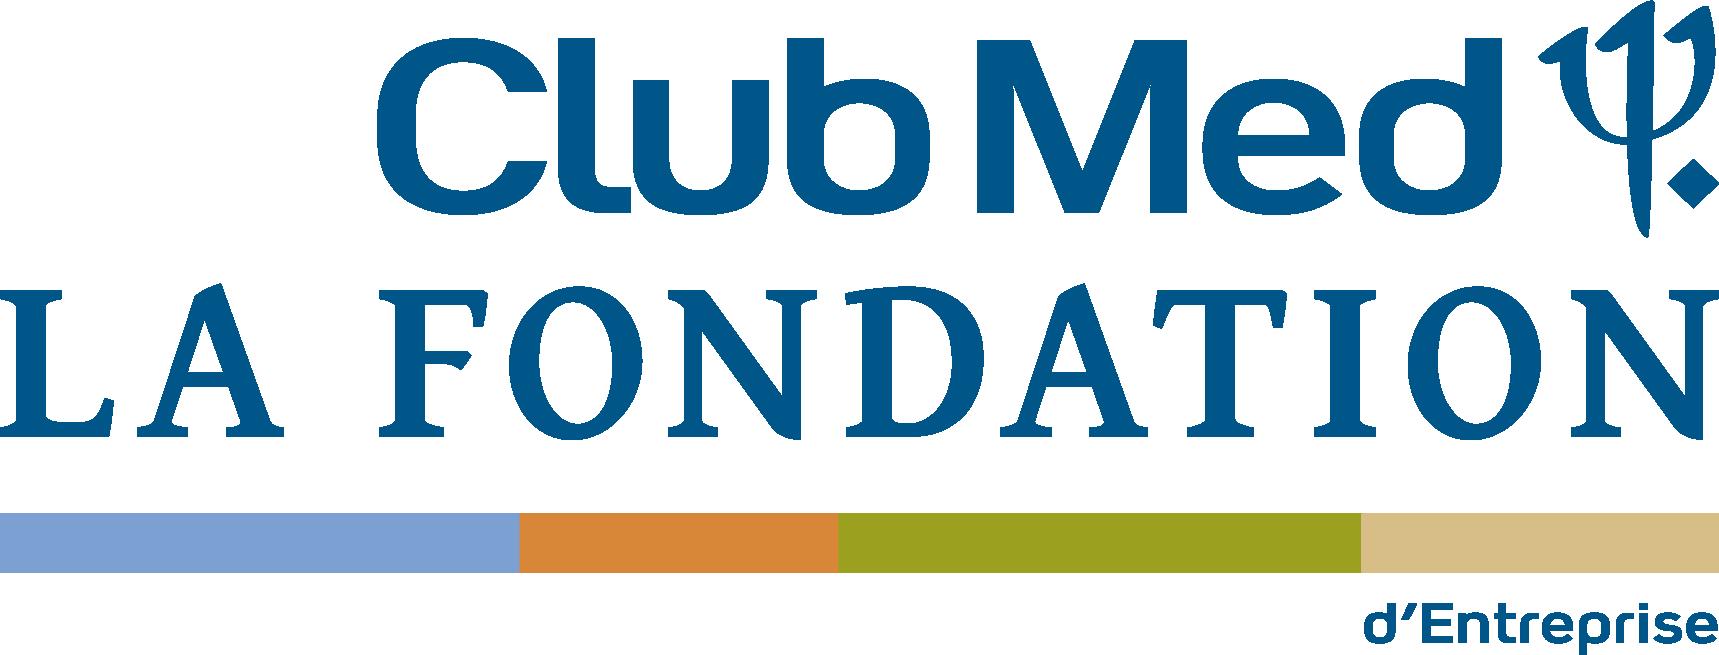 Logo Fondation + Entrep. RVB